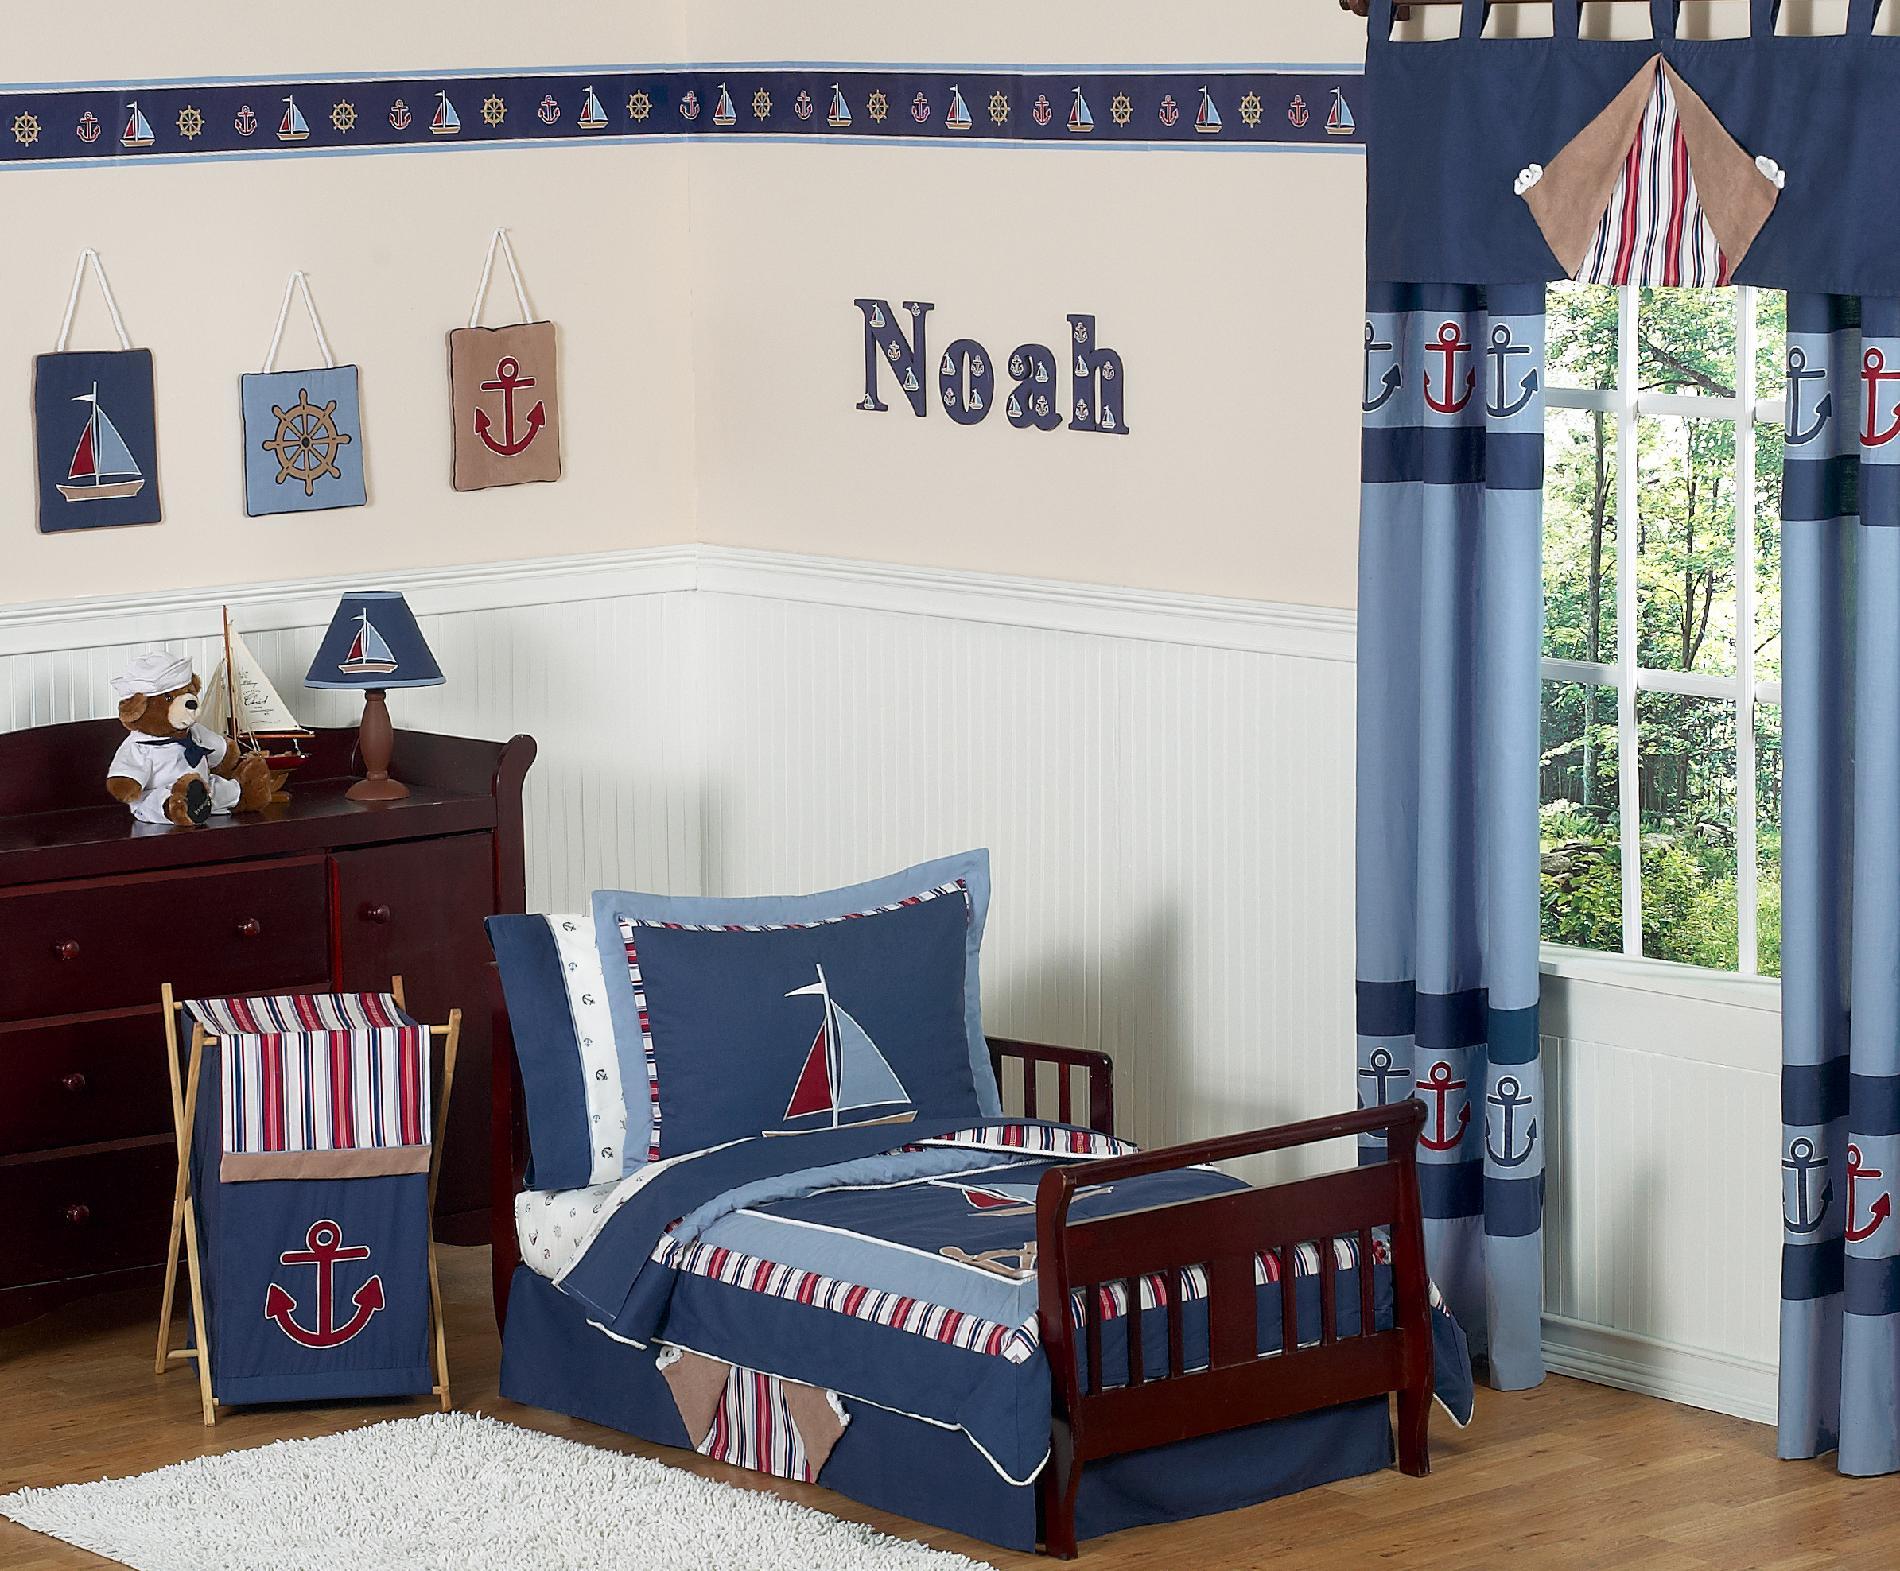 Nautical Nights Toddler Bedding